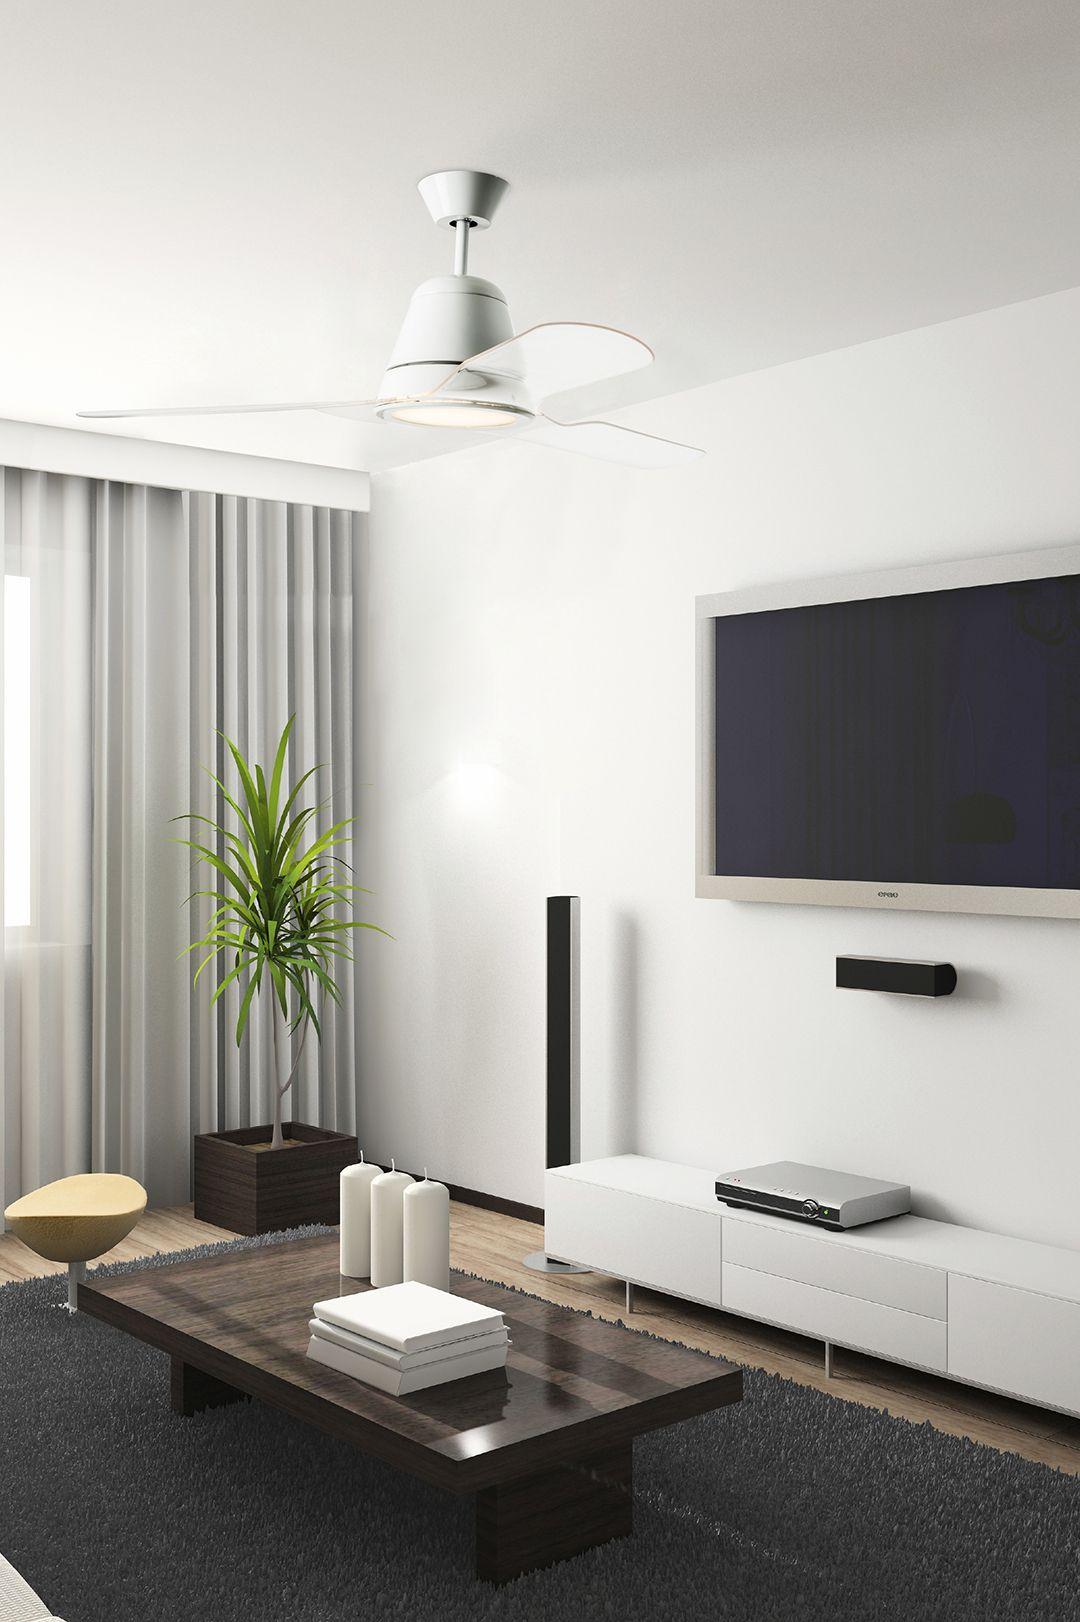 Ventilateur De Plafond Design Tiga De Leds C4 Mister